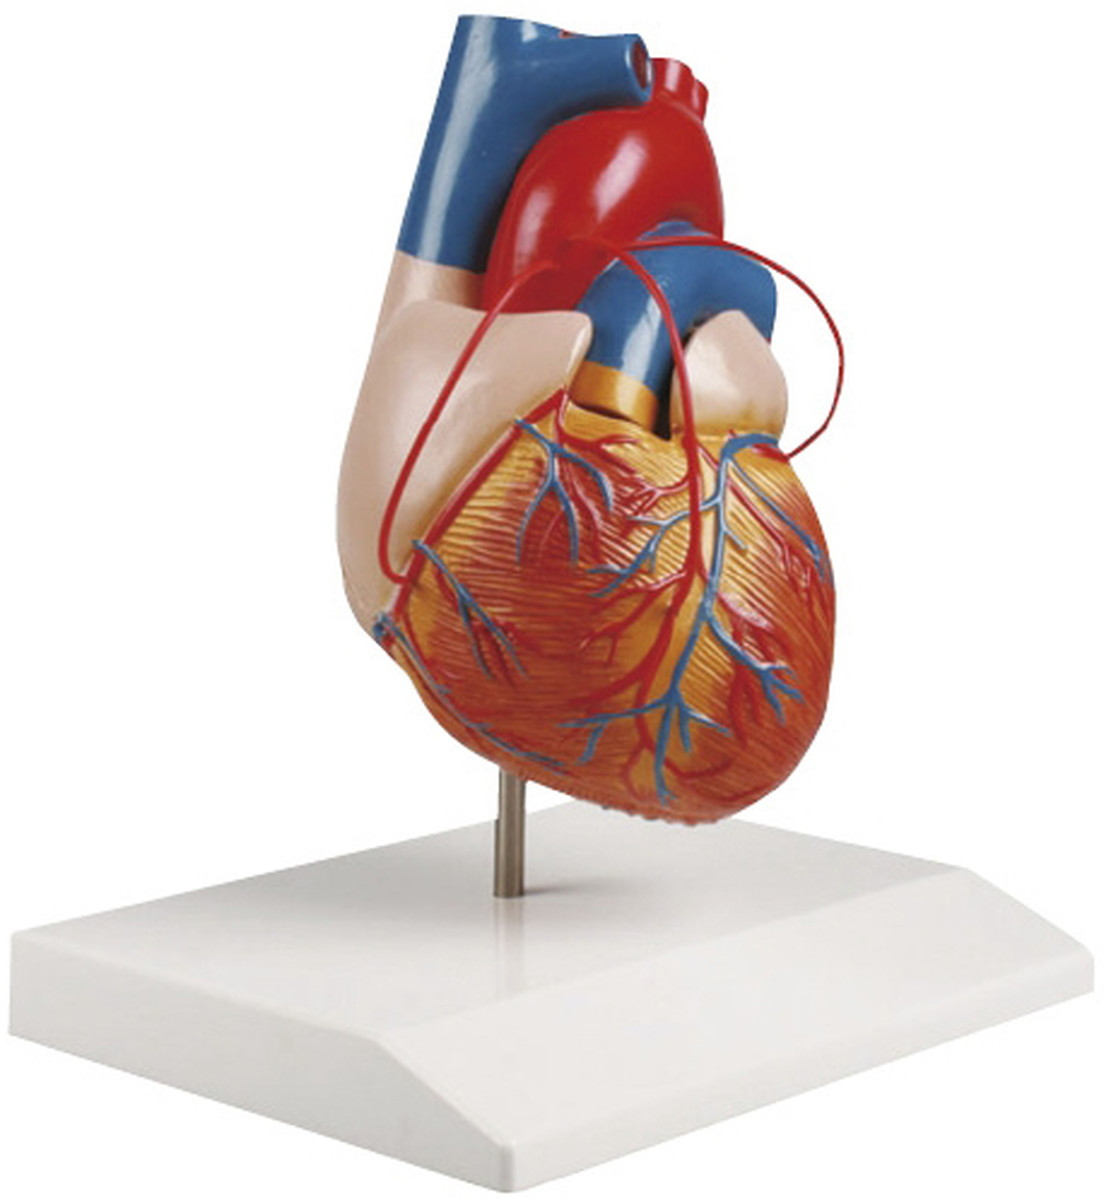 【送料無料】-心臓2分解モデル(バイパス付) G205 品番 my24-5096-00-- 1入り-【MY医科器機】JAN 4535847005155